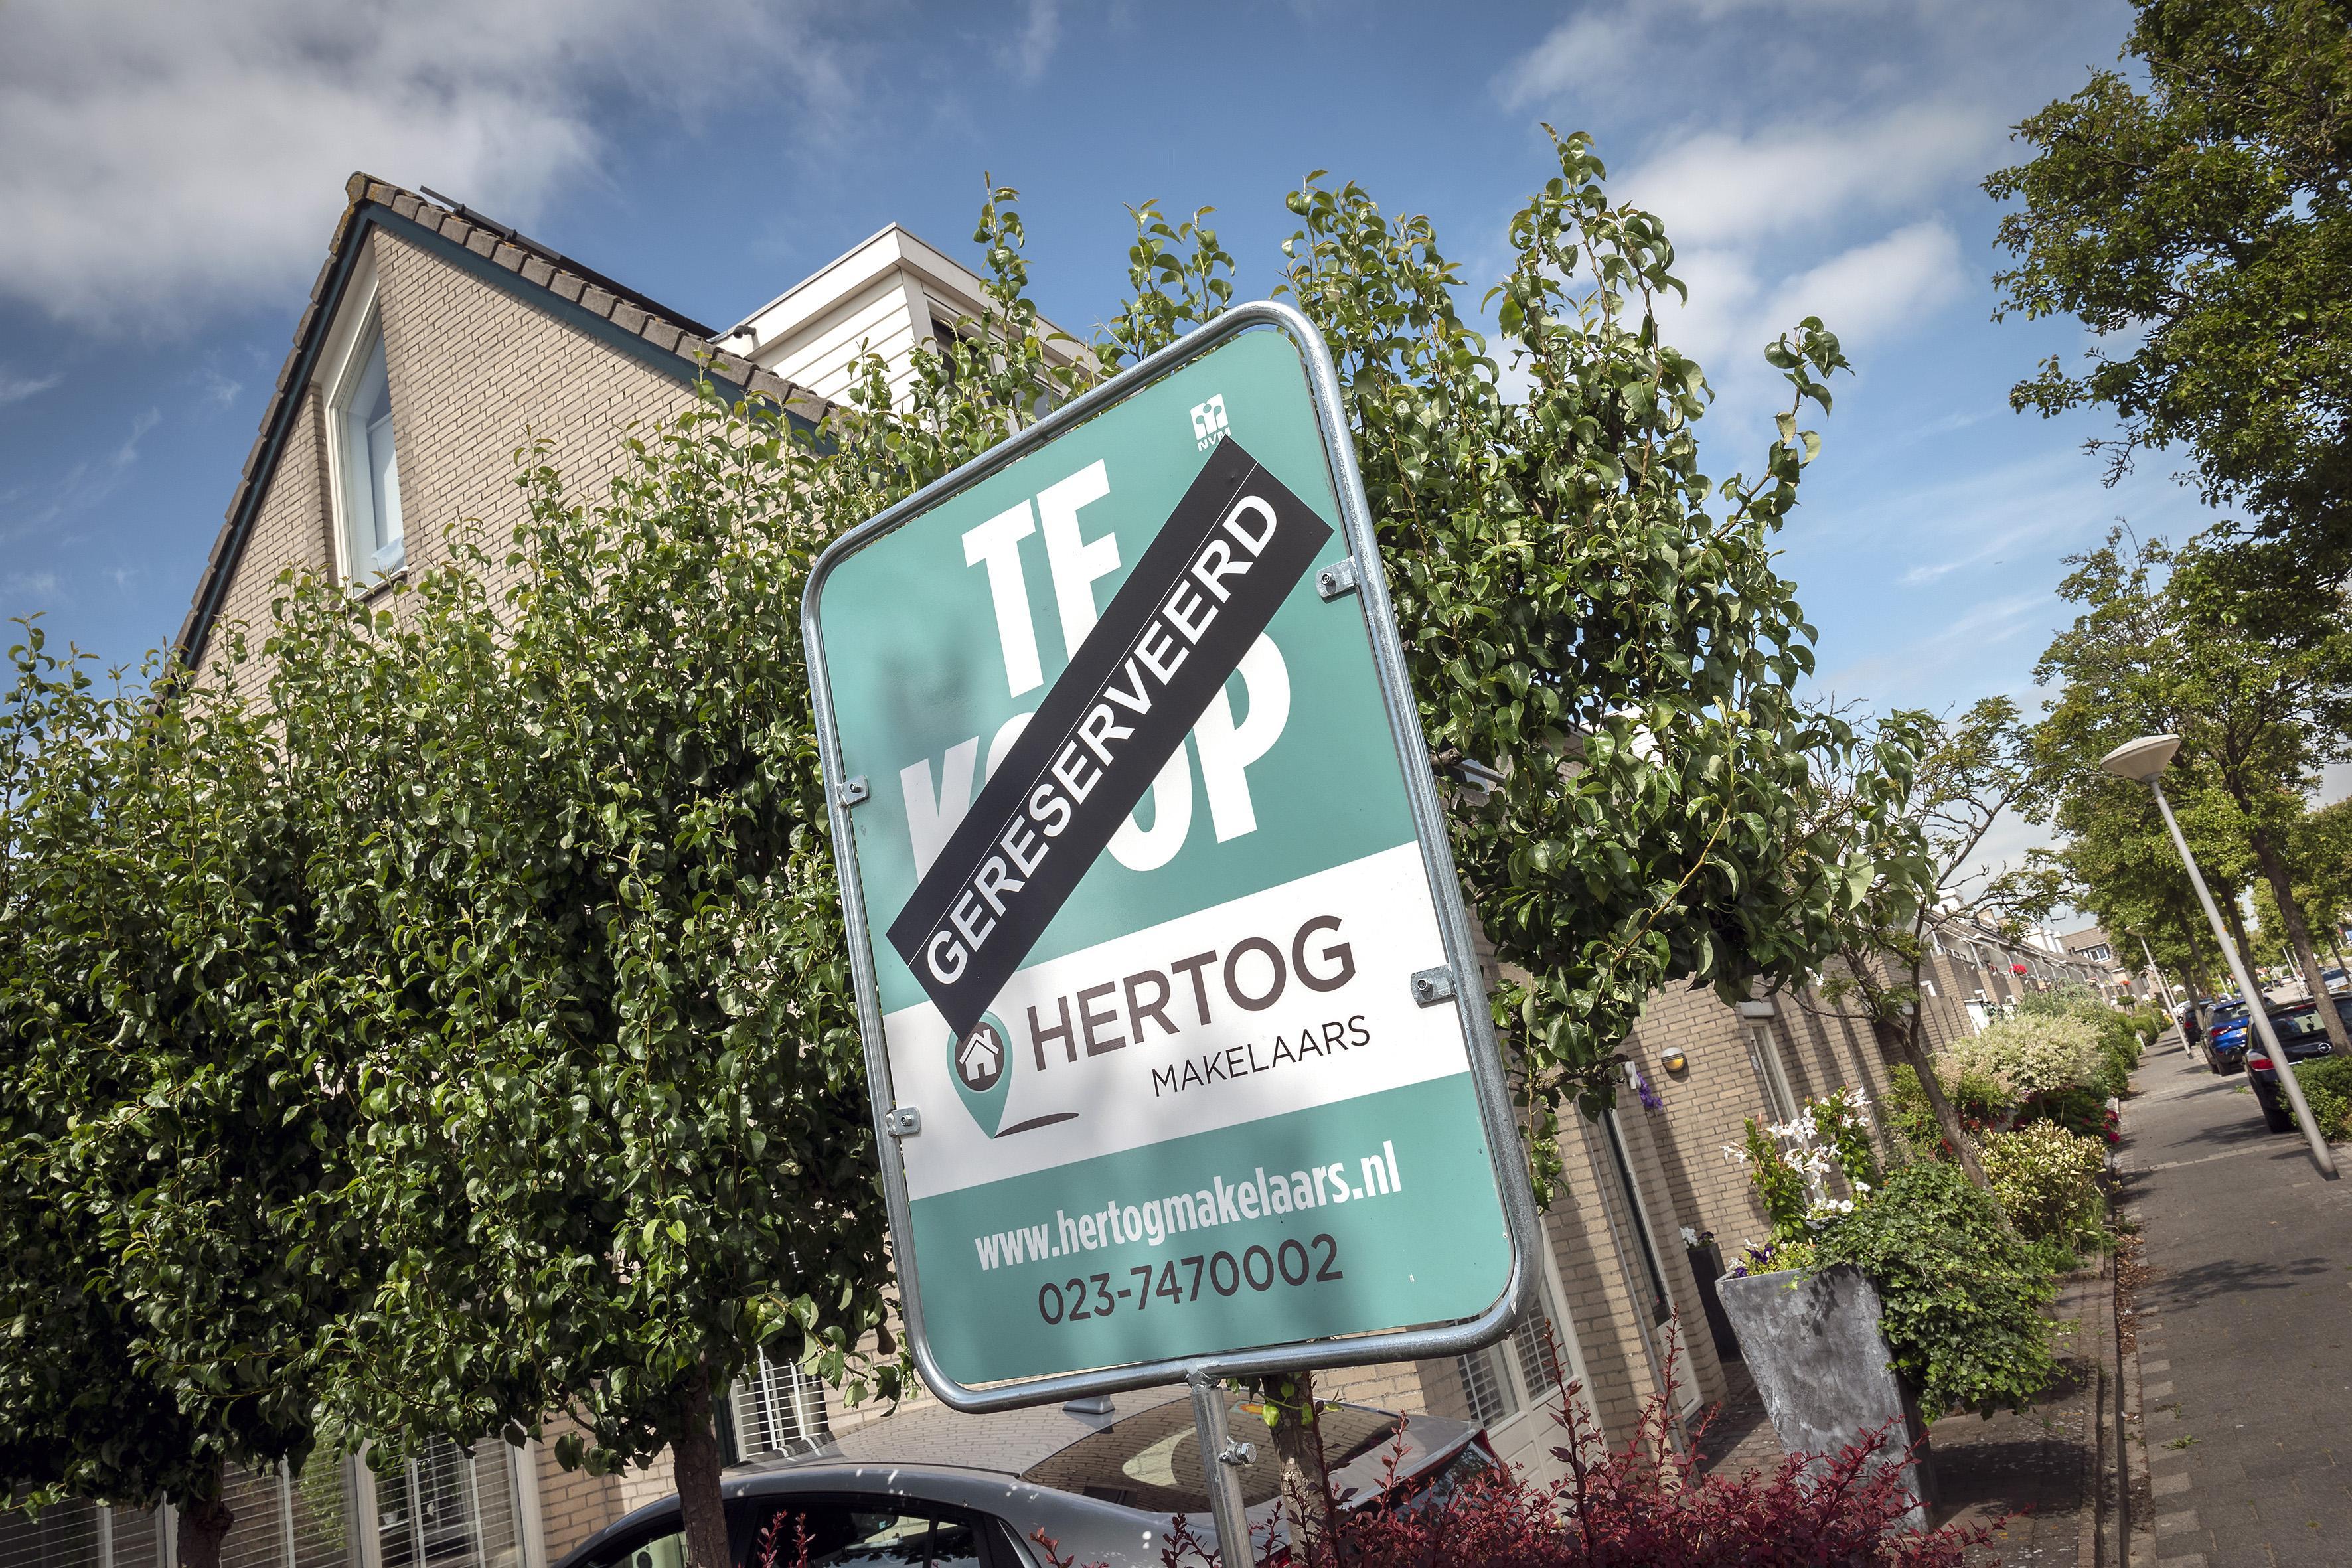 Koophuis in Zuid-Kennemerland in een jaar tijd 27.000 euro duurder